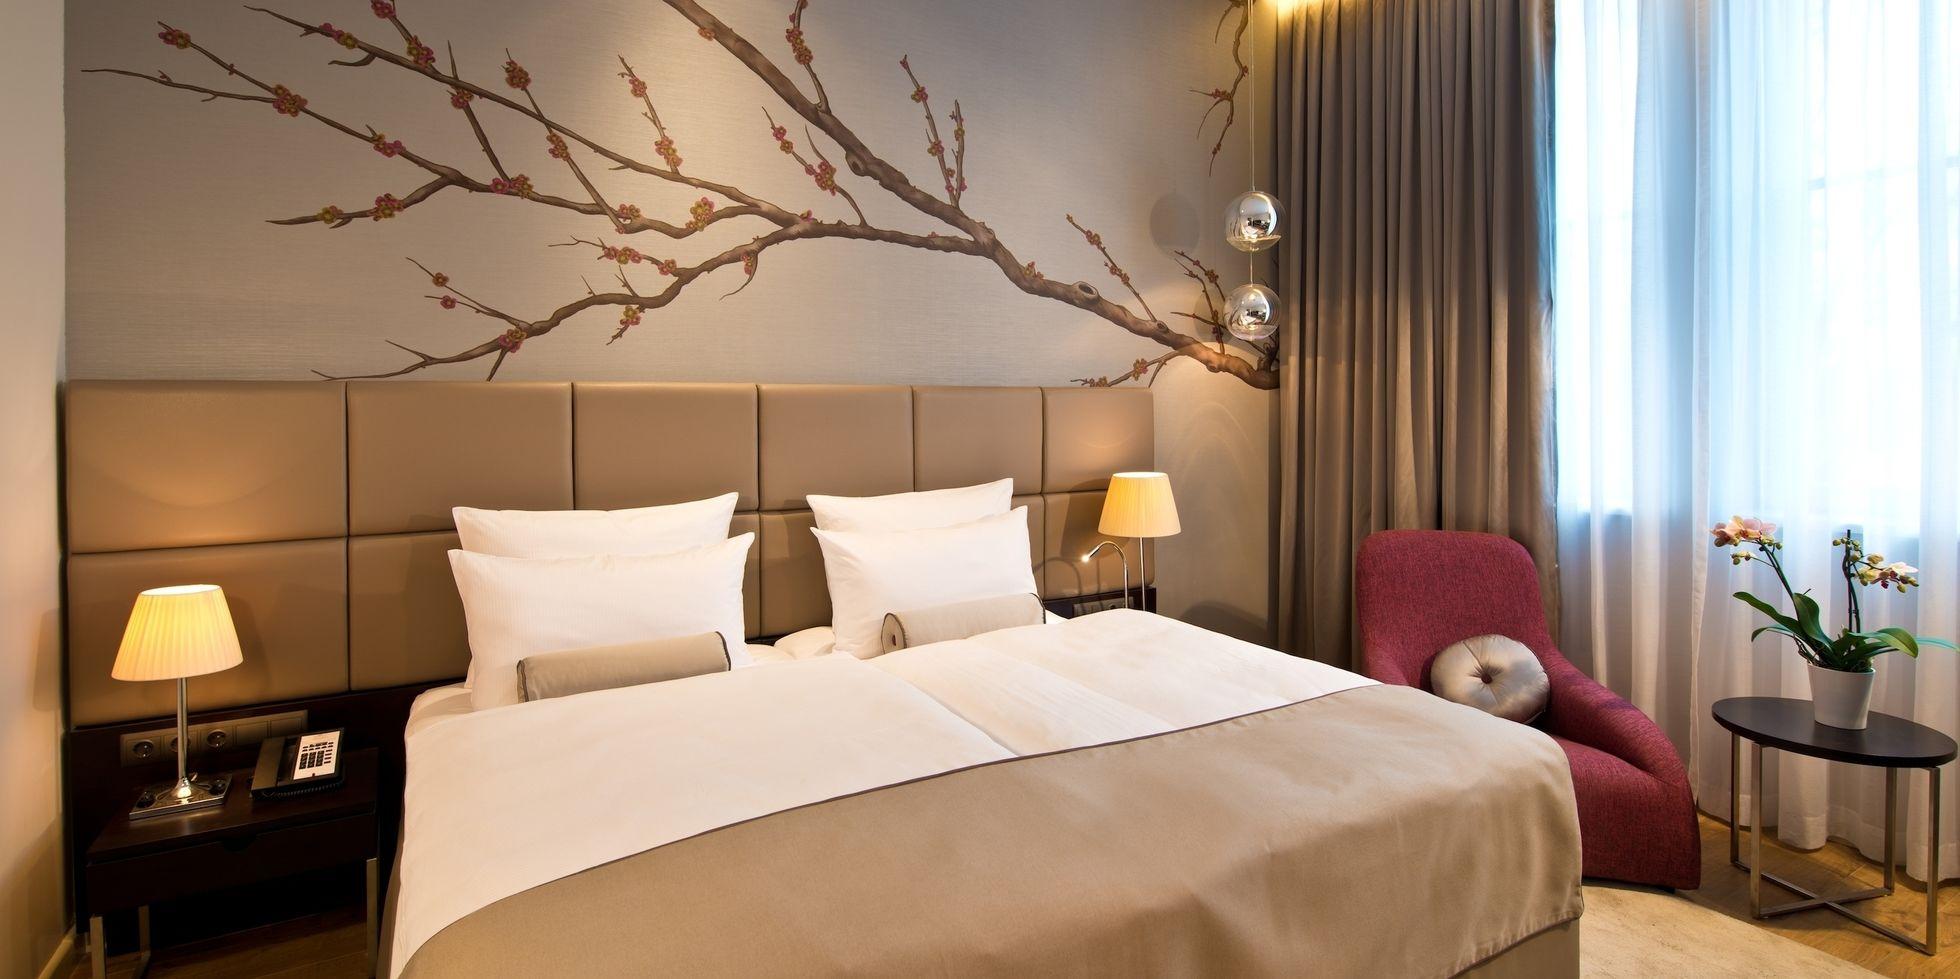 Neueroffnung Wyndham Grand Hotel Berlin Potsdamer Platz Startet